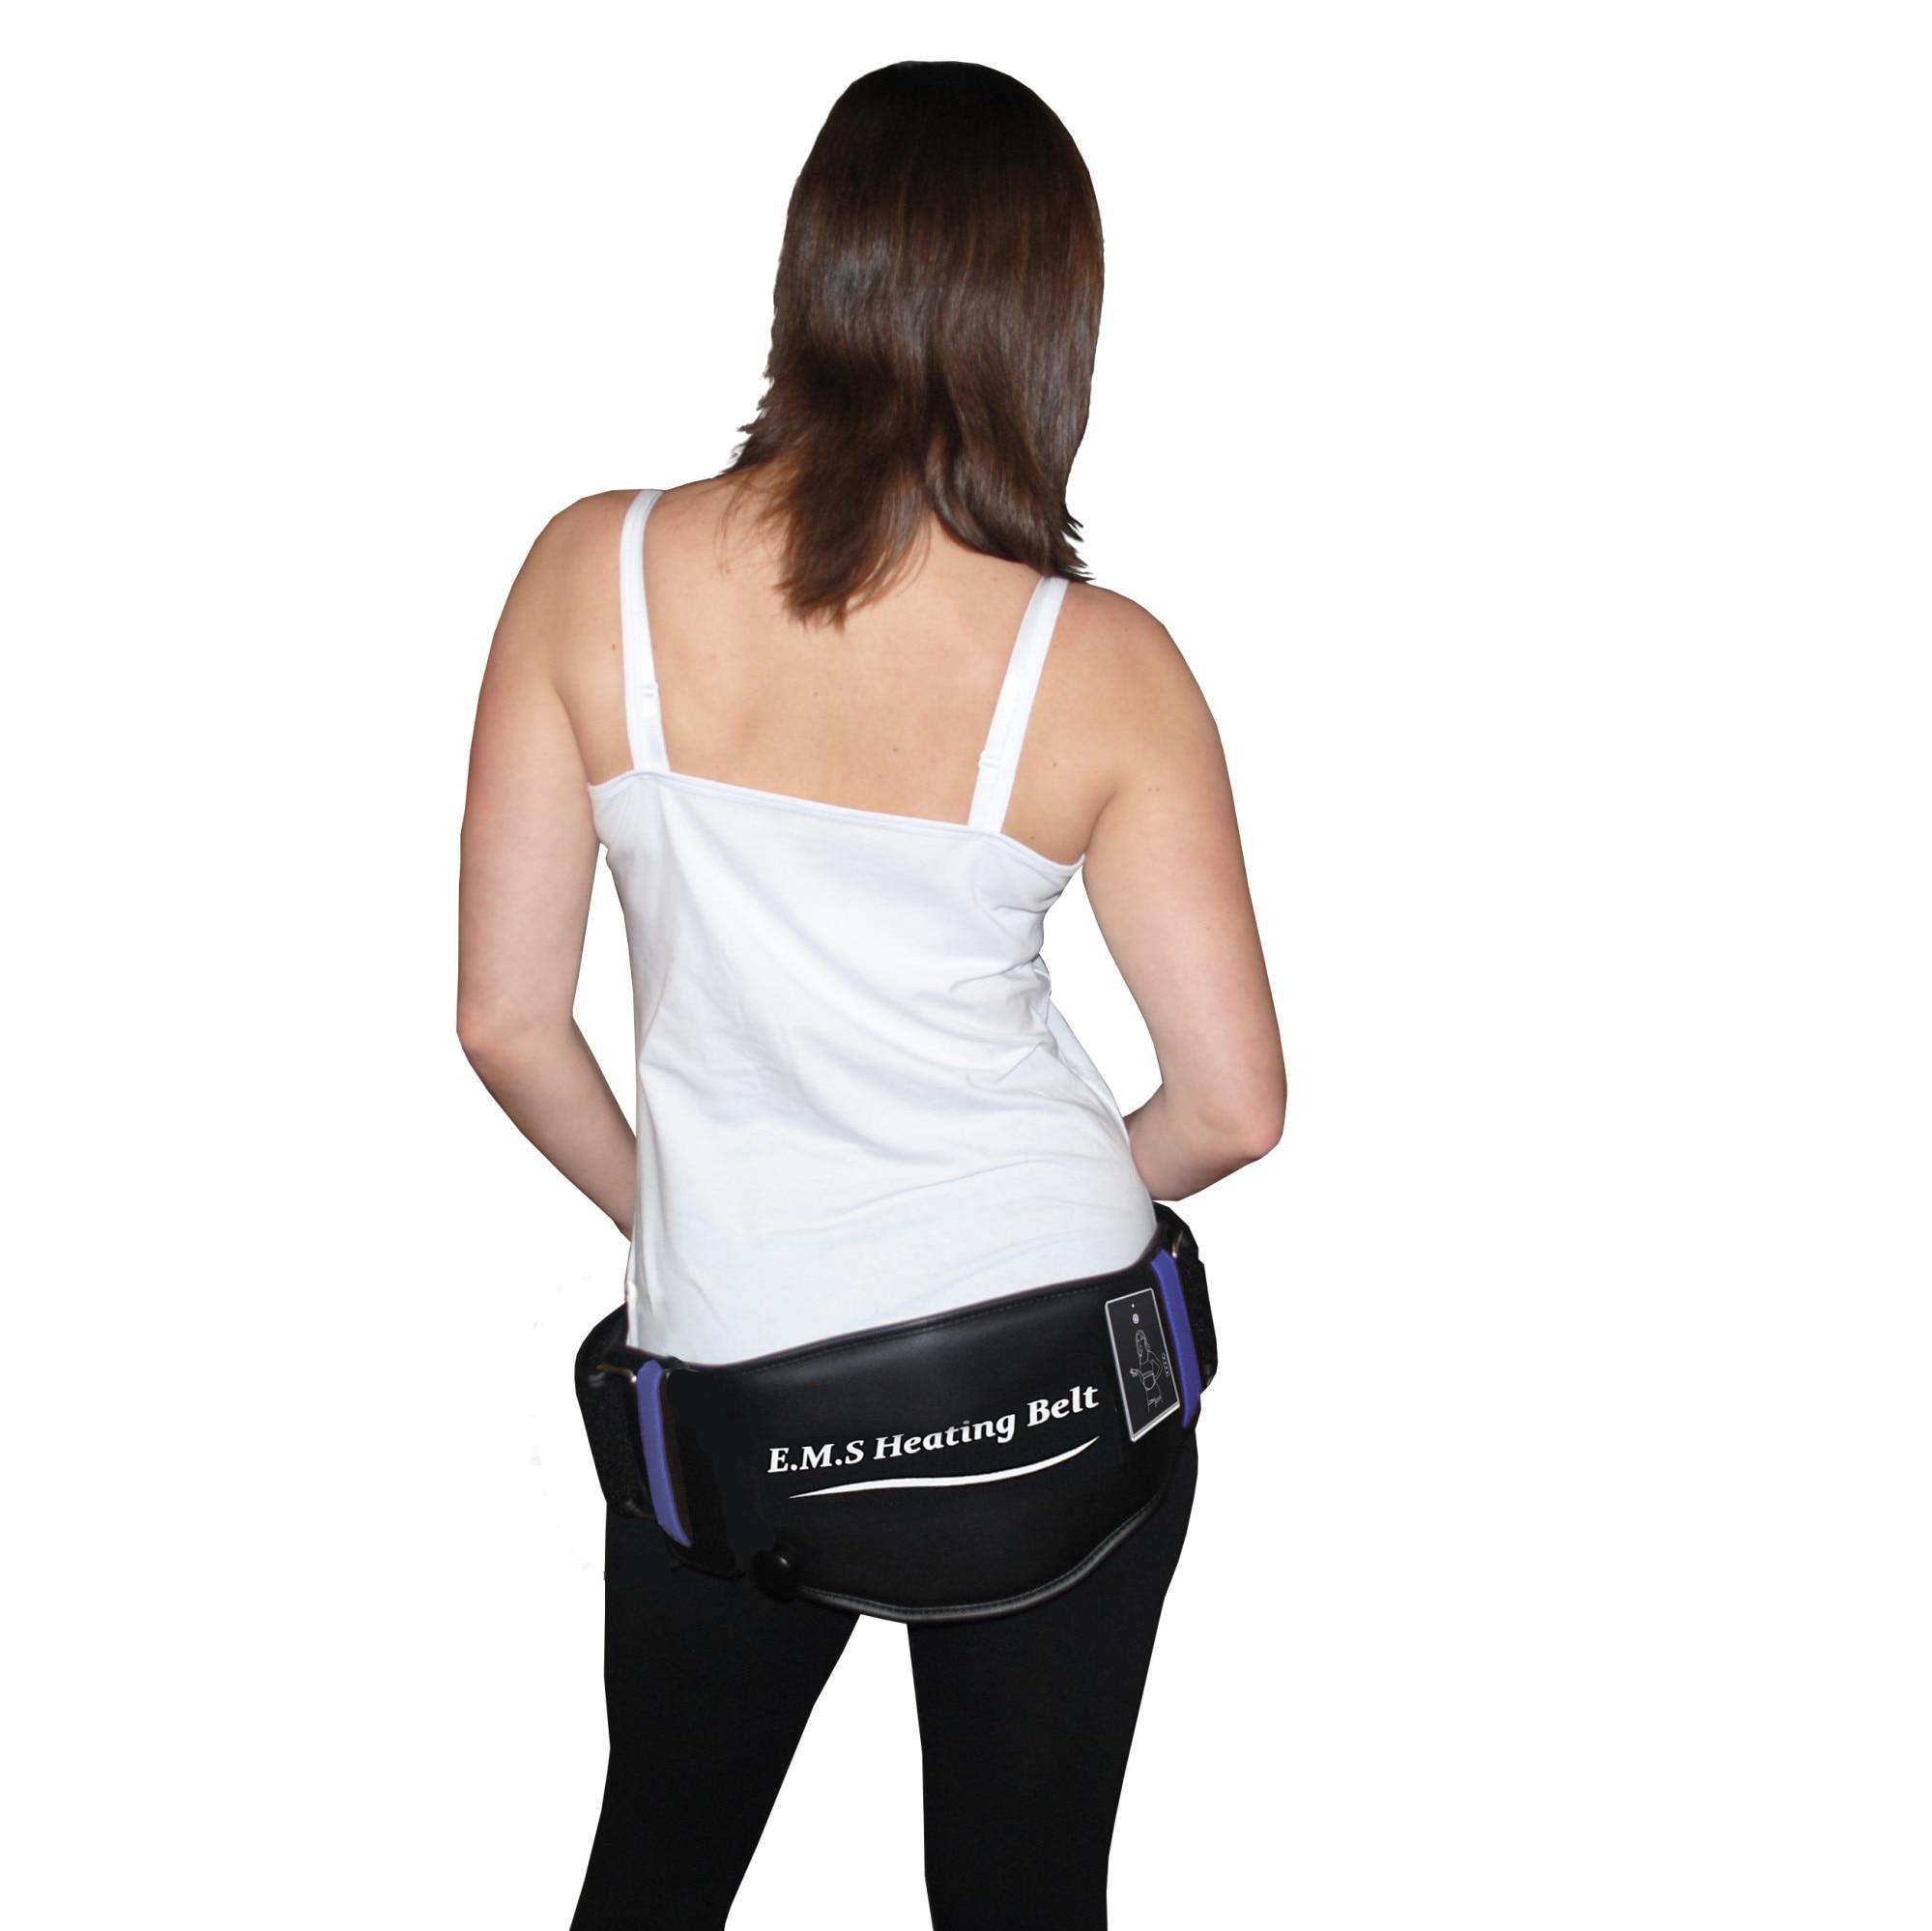 centru de wellness pentru pierderea în greutate